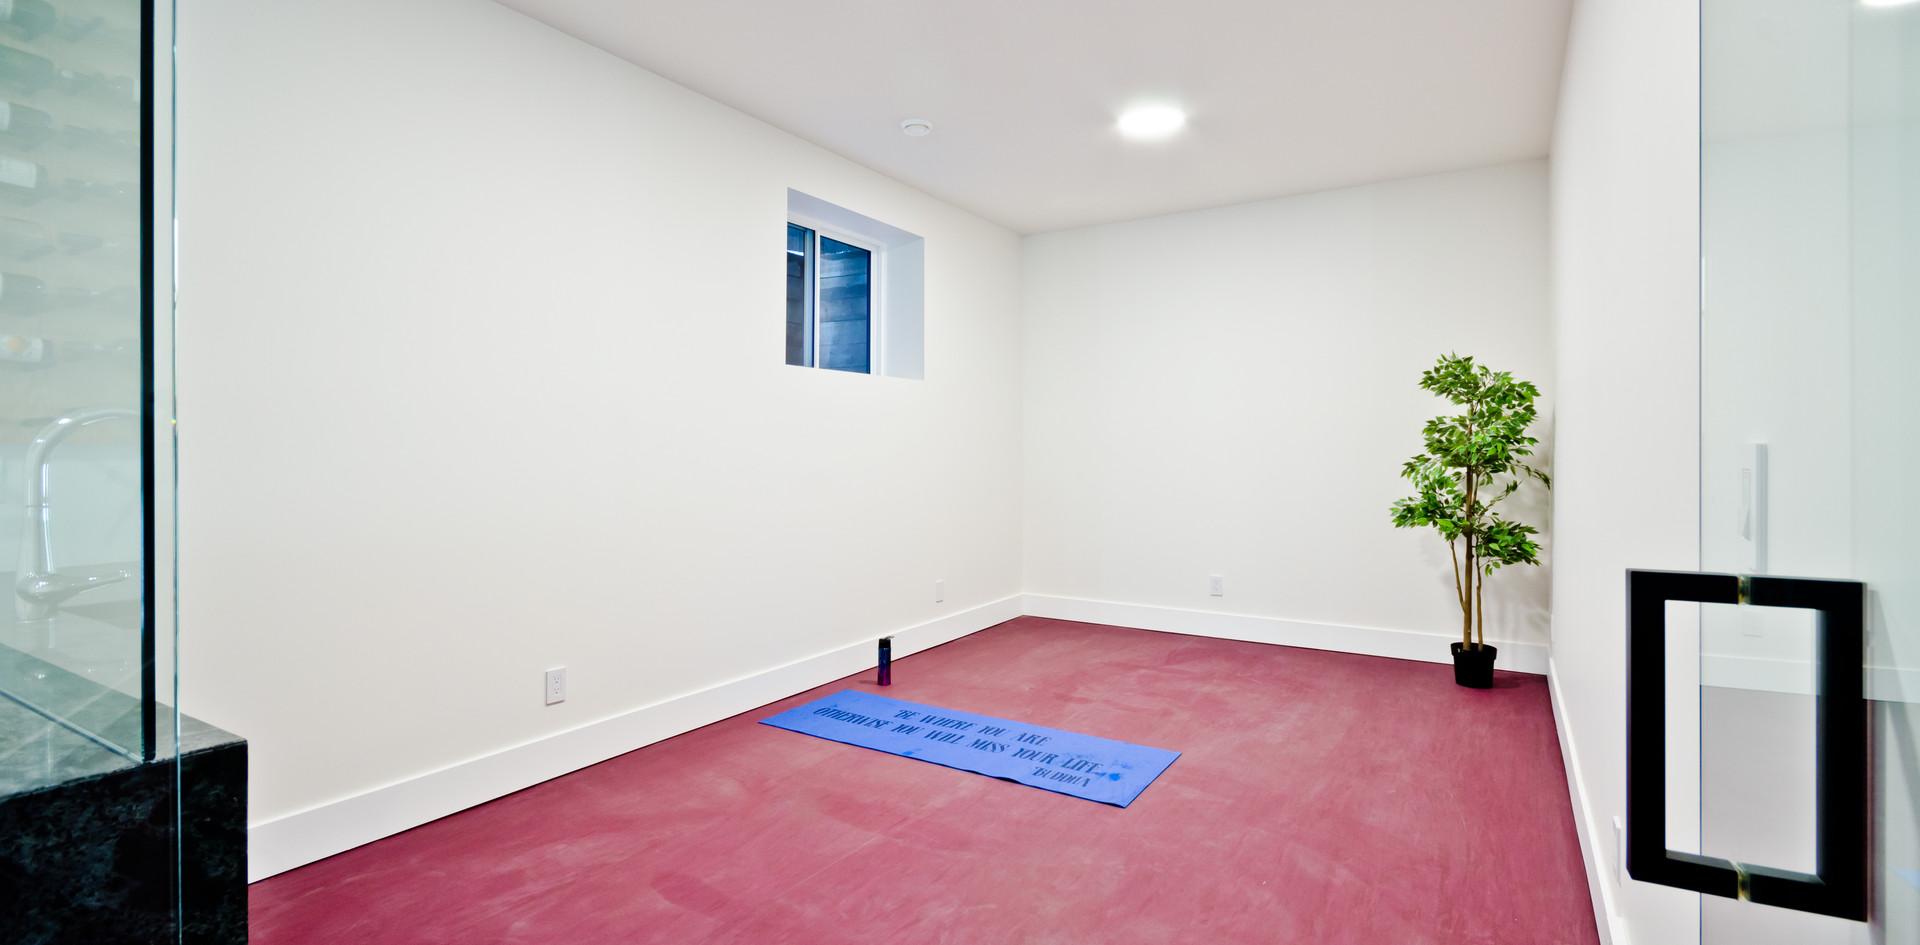 Red rubber floor